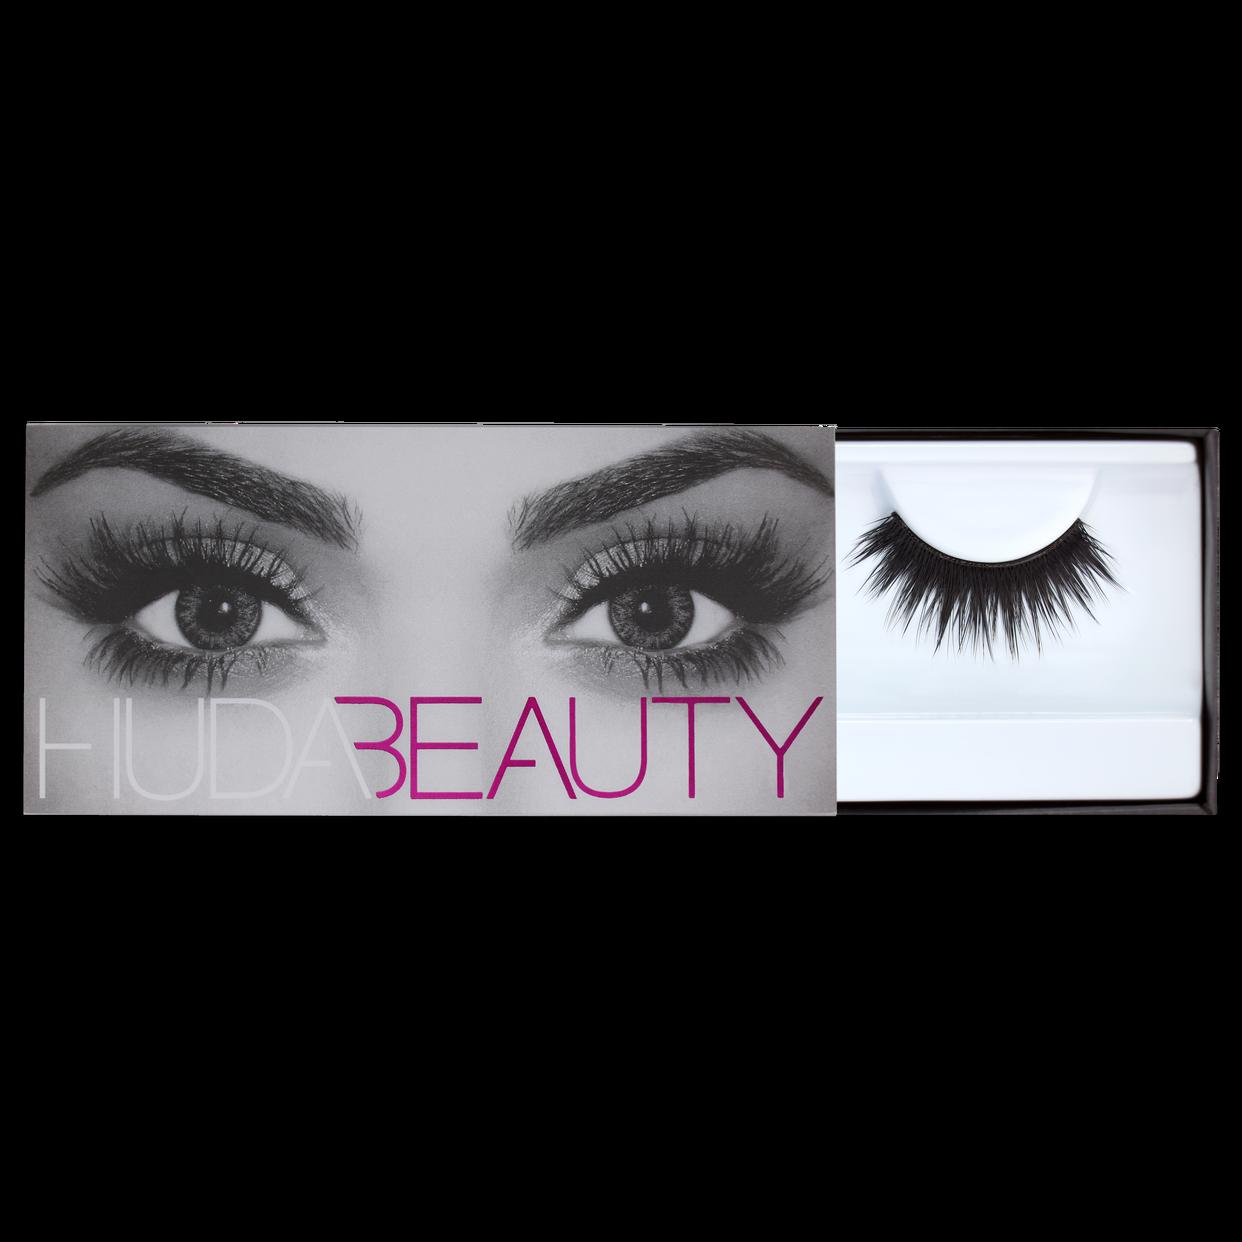 Huda Beauty Classic Lash - Carmen #9